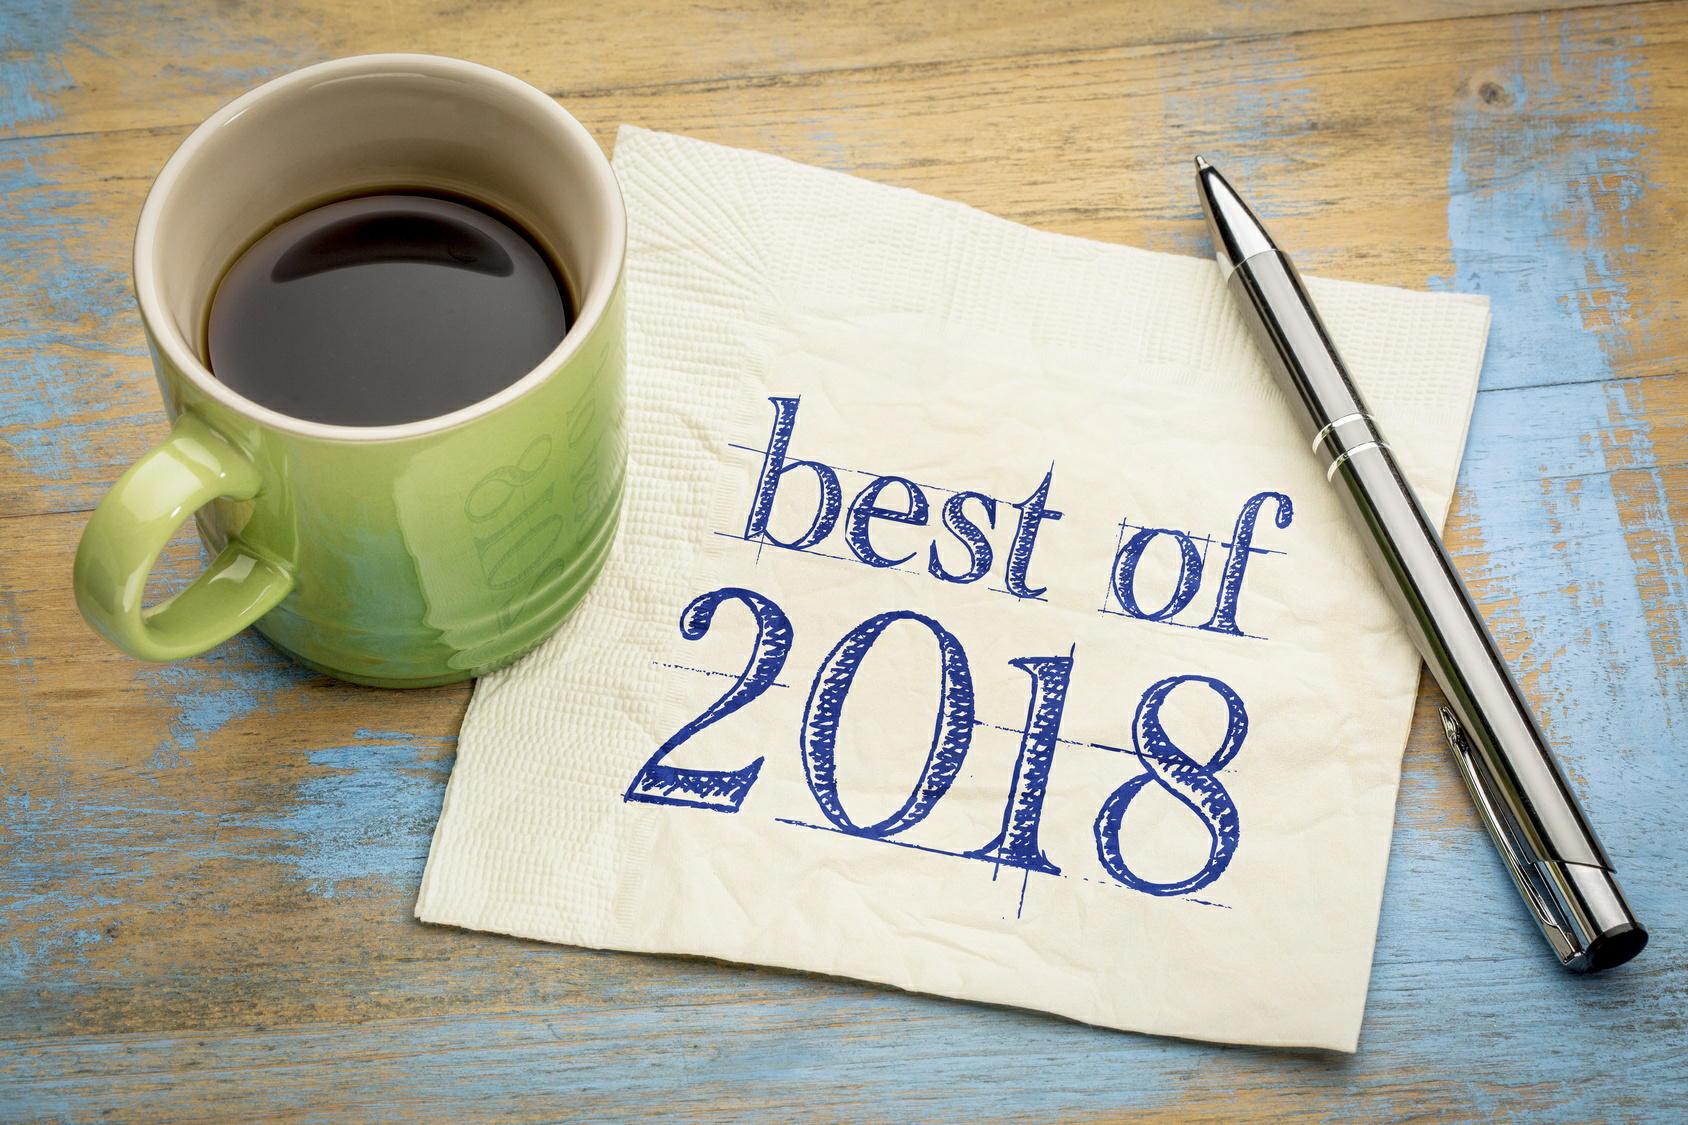 保健指導リソースガイド 2018年に読まれた記事ランキング・ベスト20